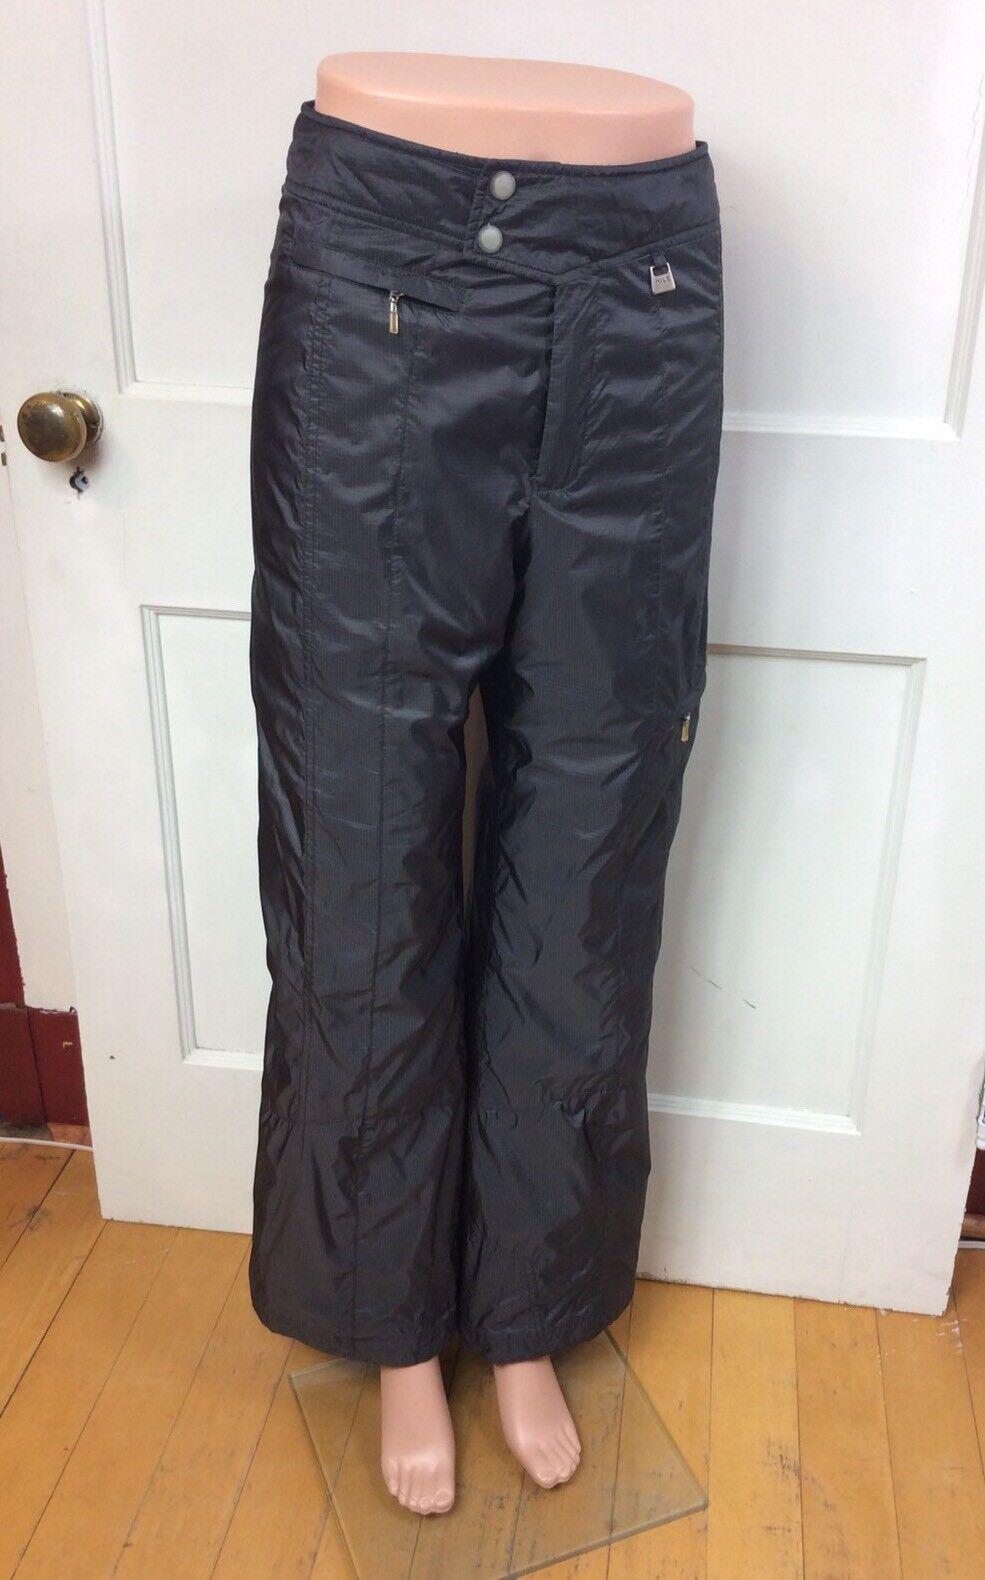 NILS Sportswear Winter Ski Pants Insulated  Women's 6  best offer